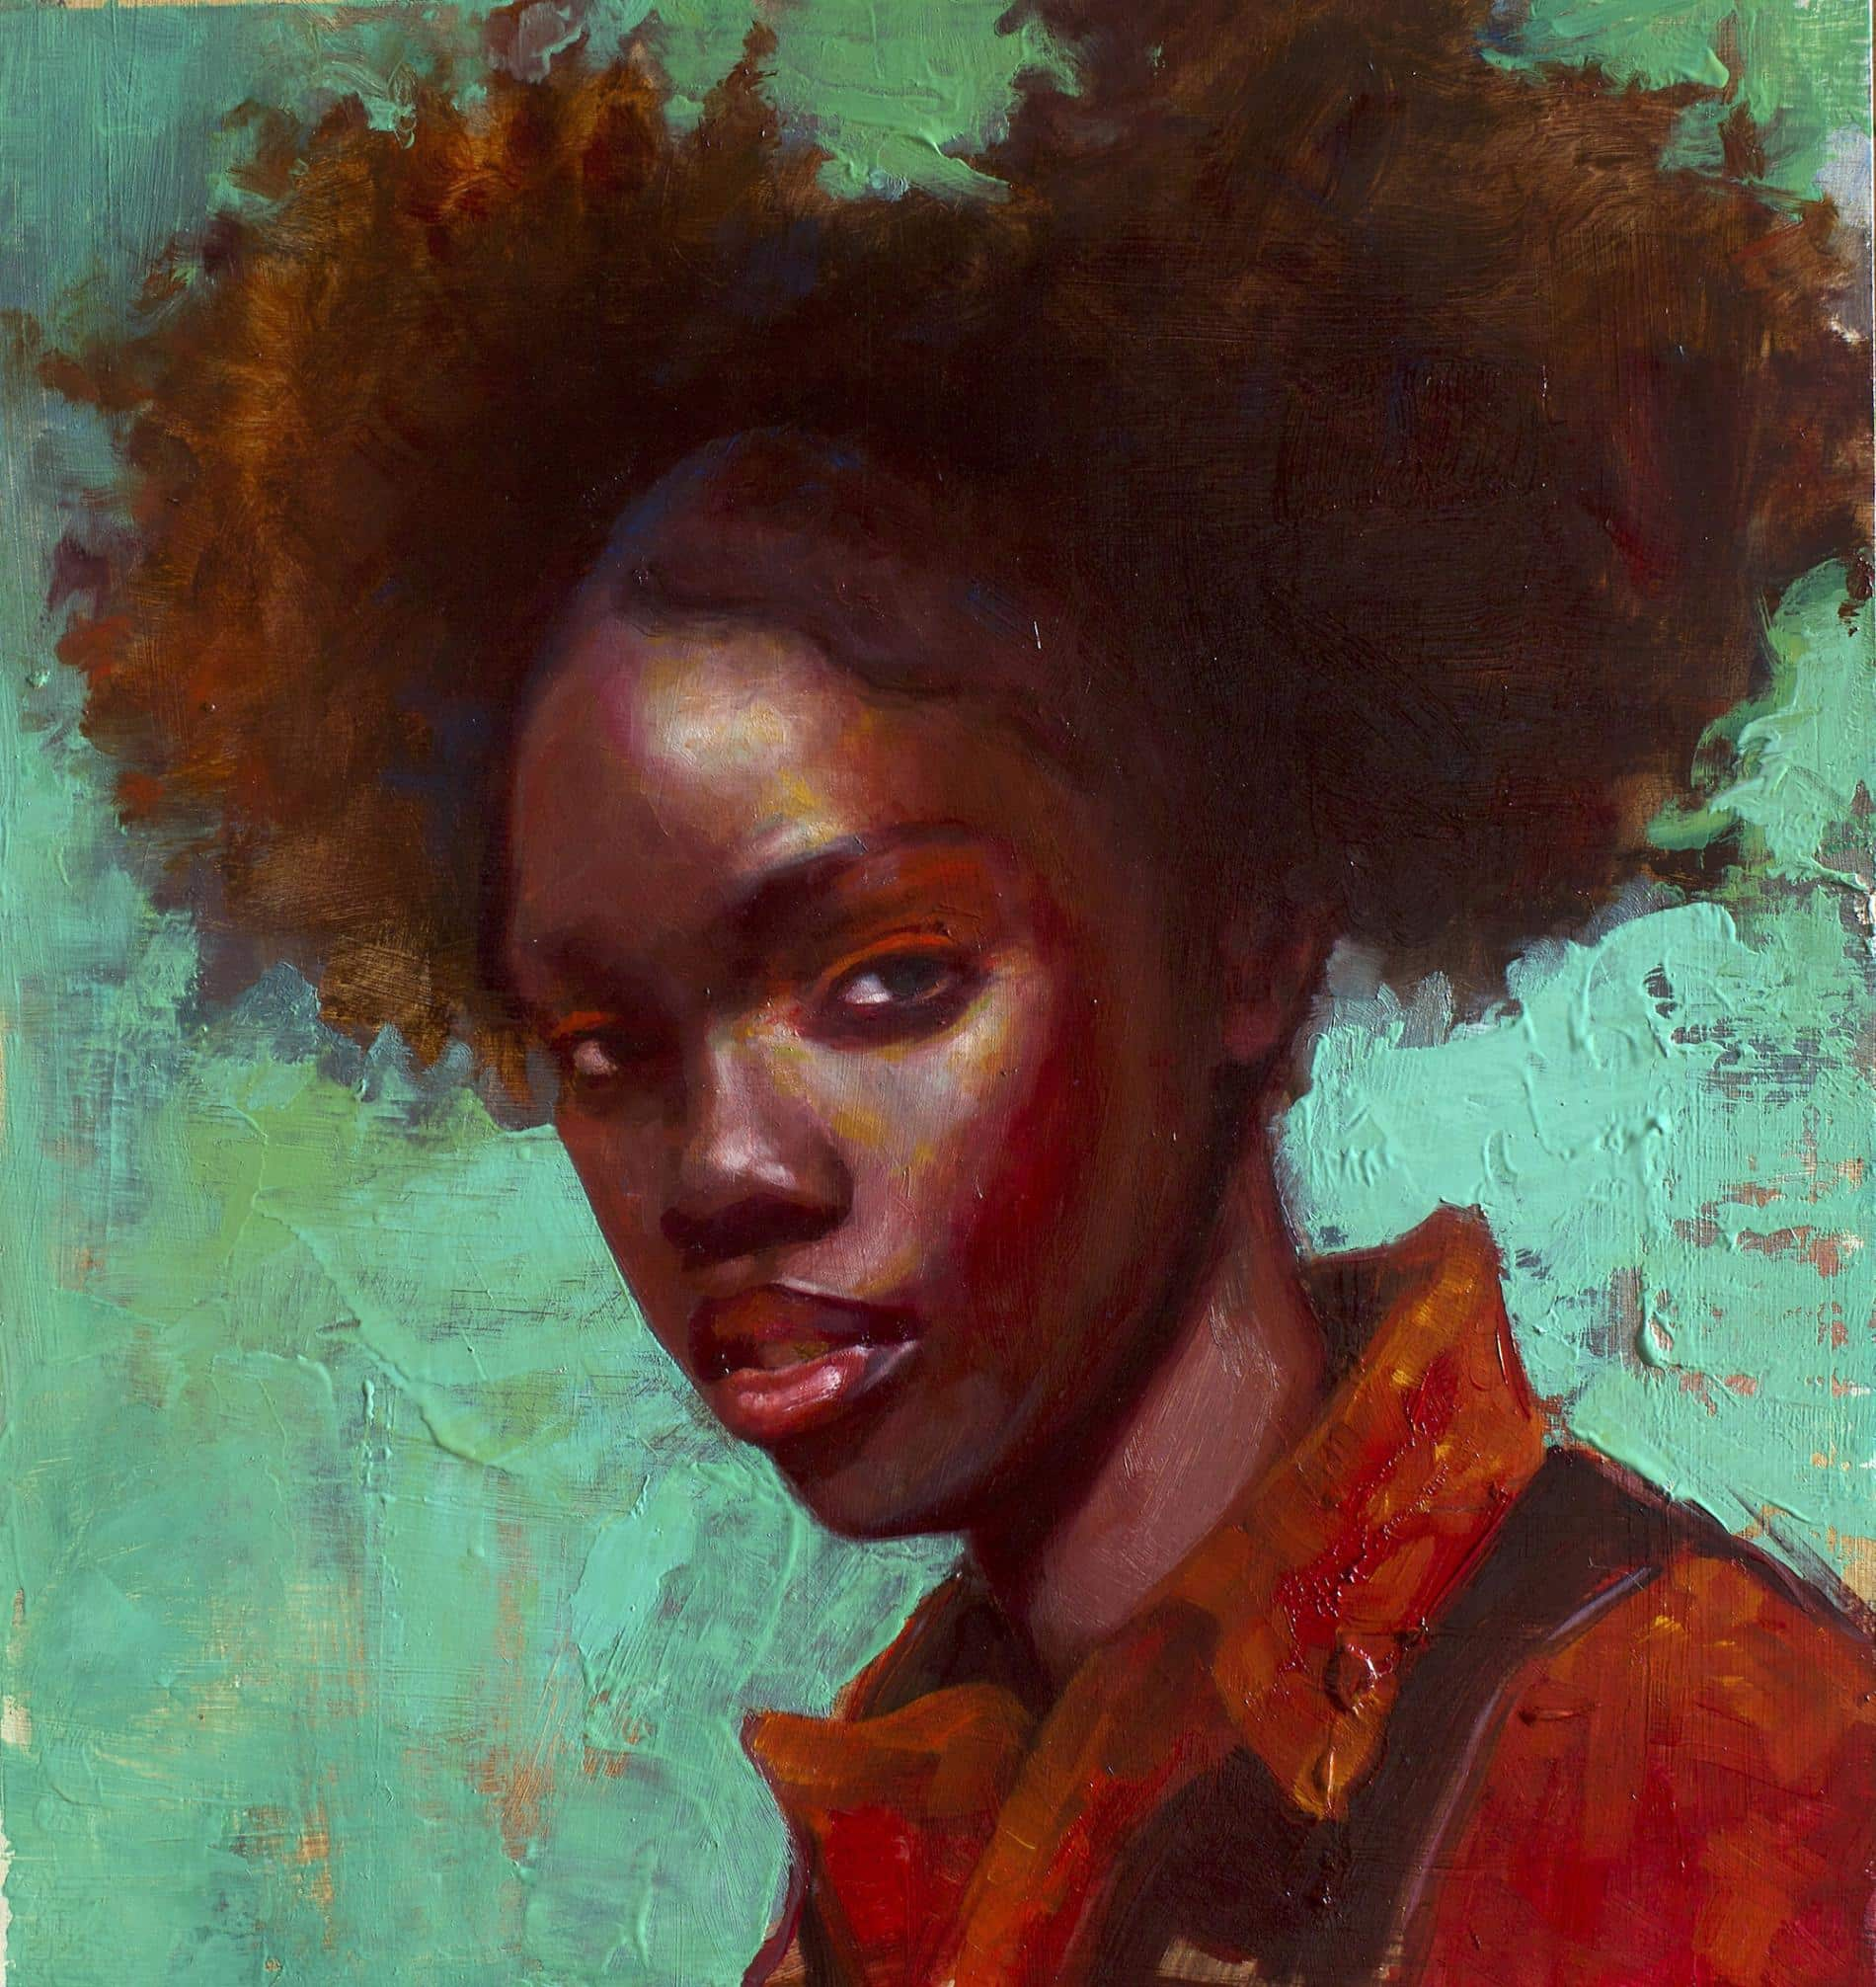 Los retratos en pastel de Rosso Emerald exploran otras nociones de belleza | Arte